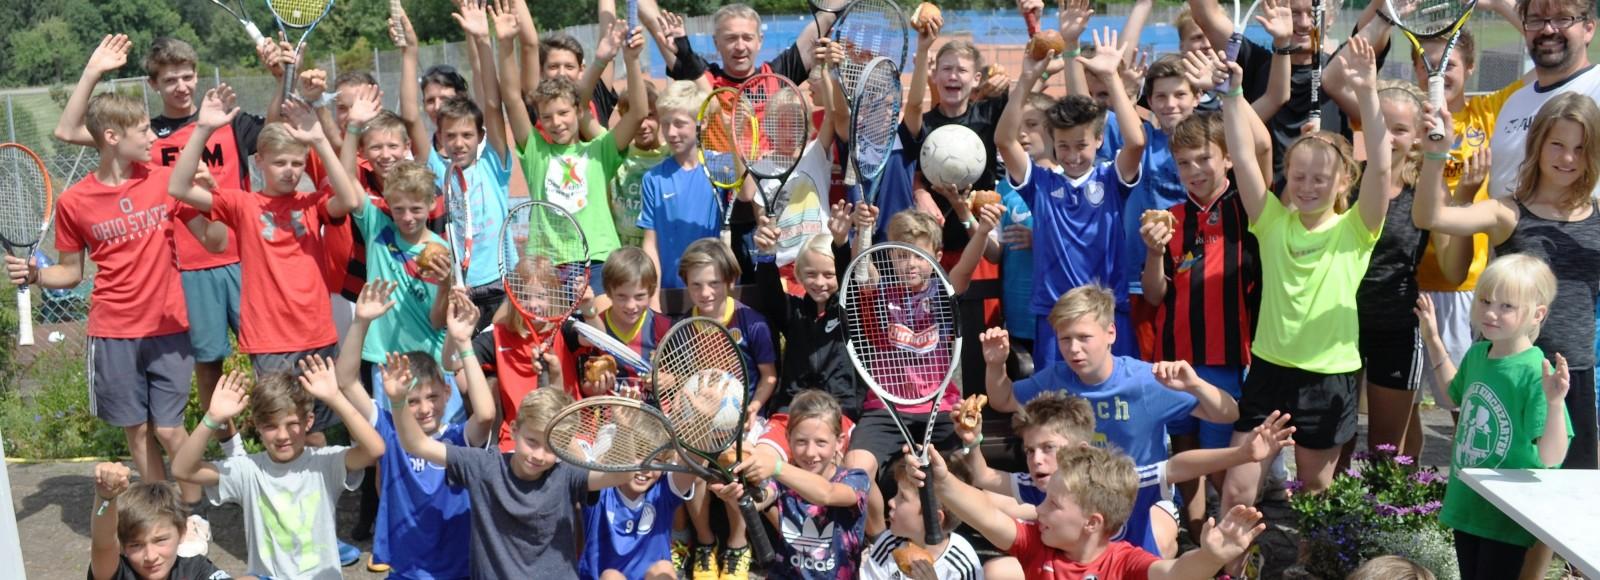 Tennis-Fußball-  Camp 2015